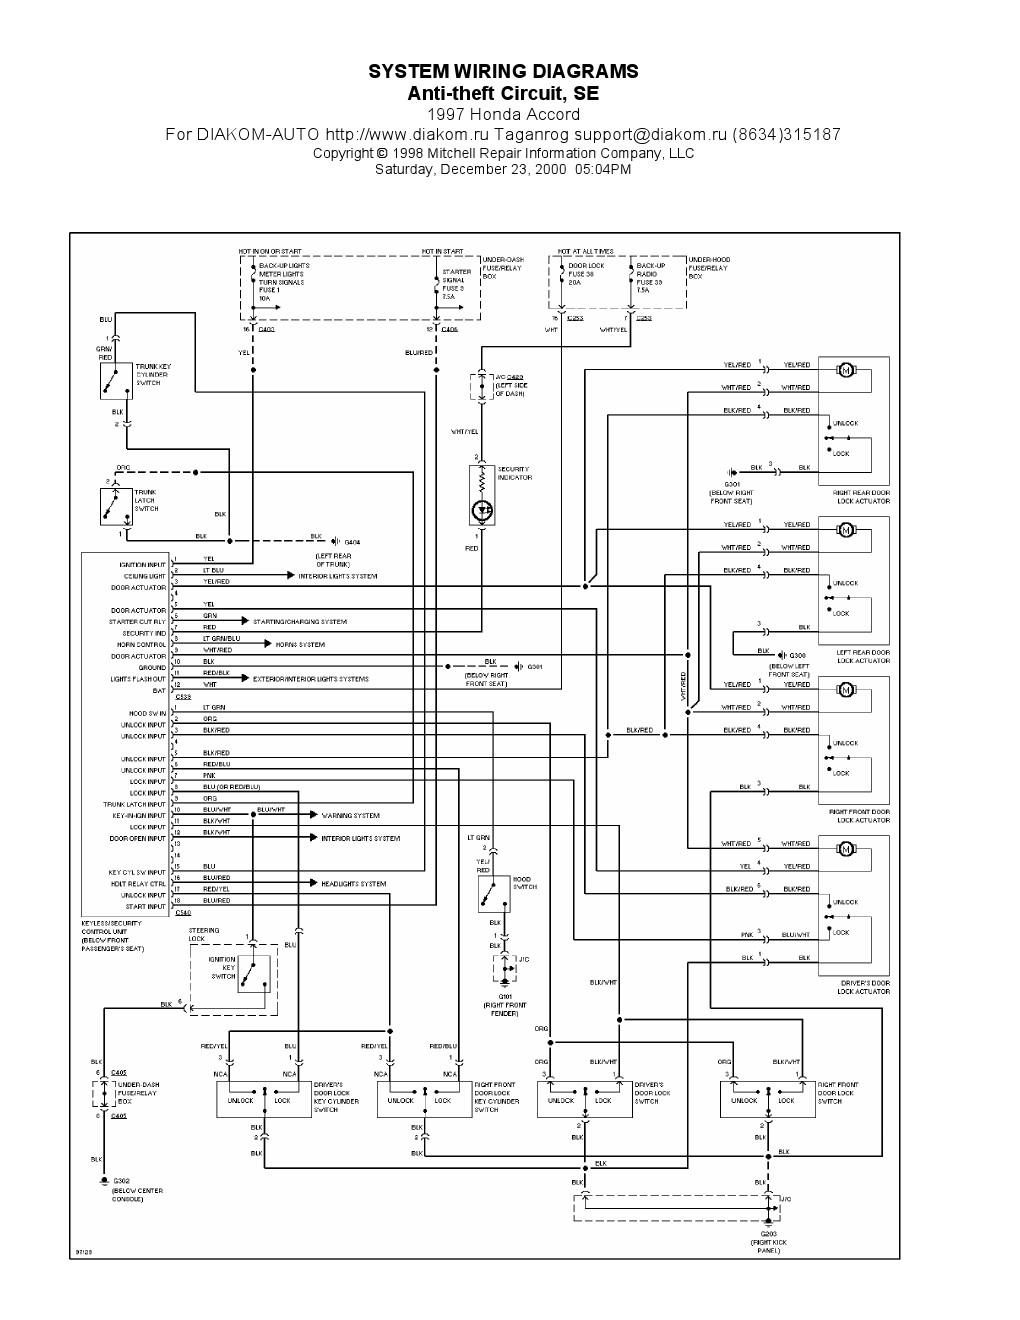 Surprising 96 Vw Golf Alternator Wiring Diagram Online Wiring Diagram Wiring Cloud Filiciilluminateatxorg